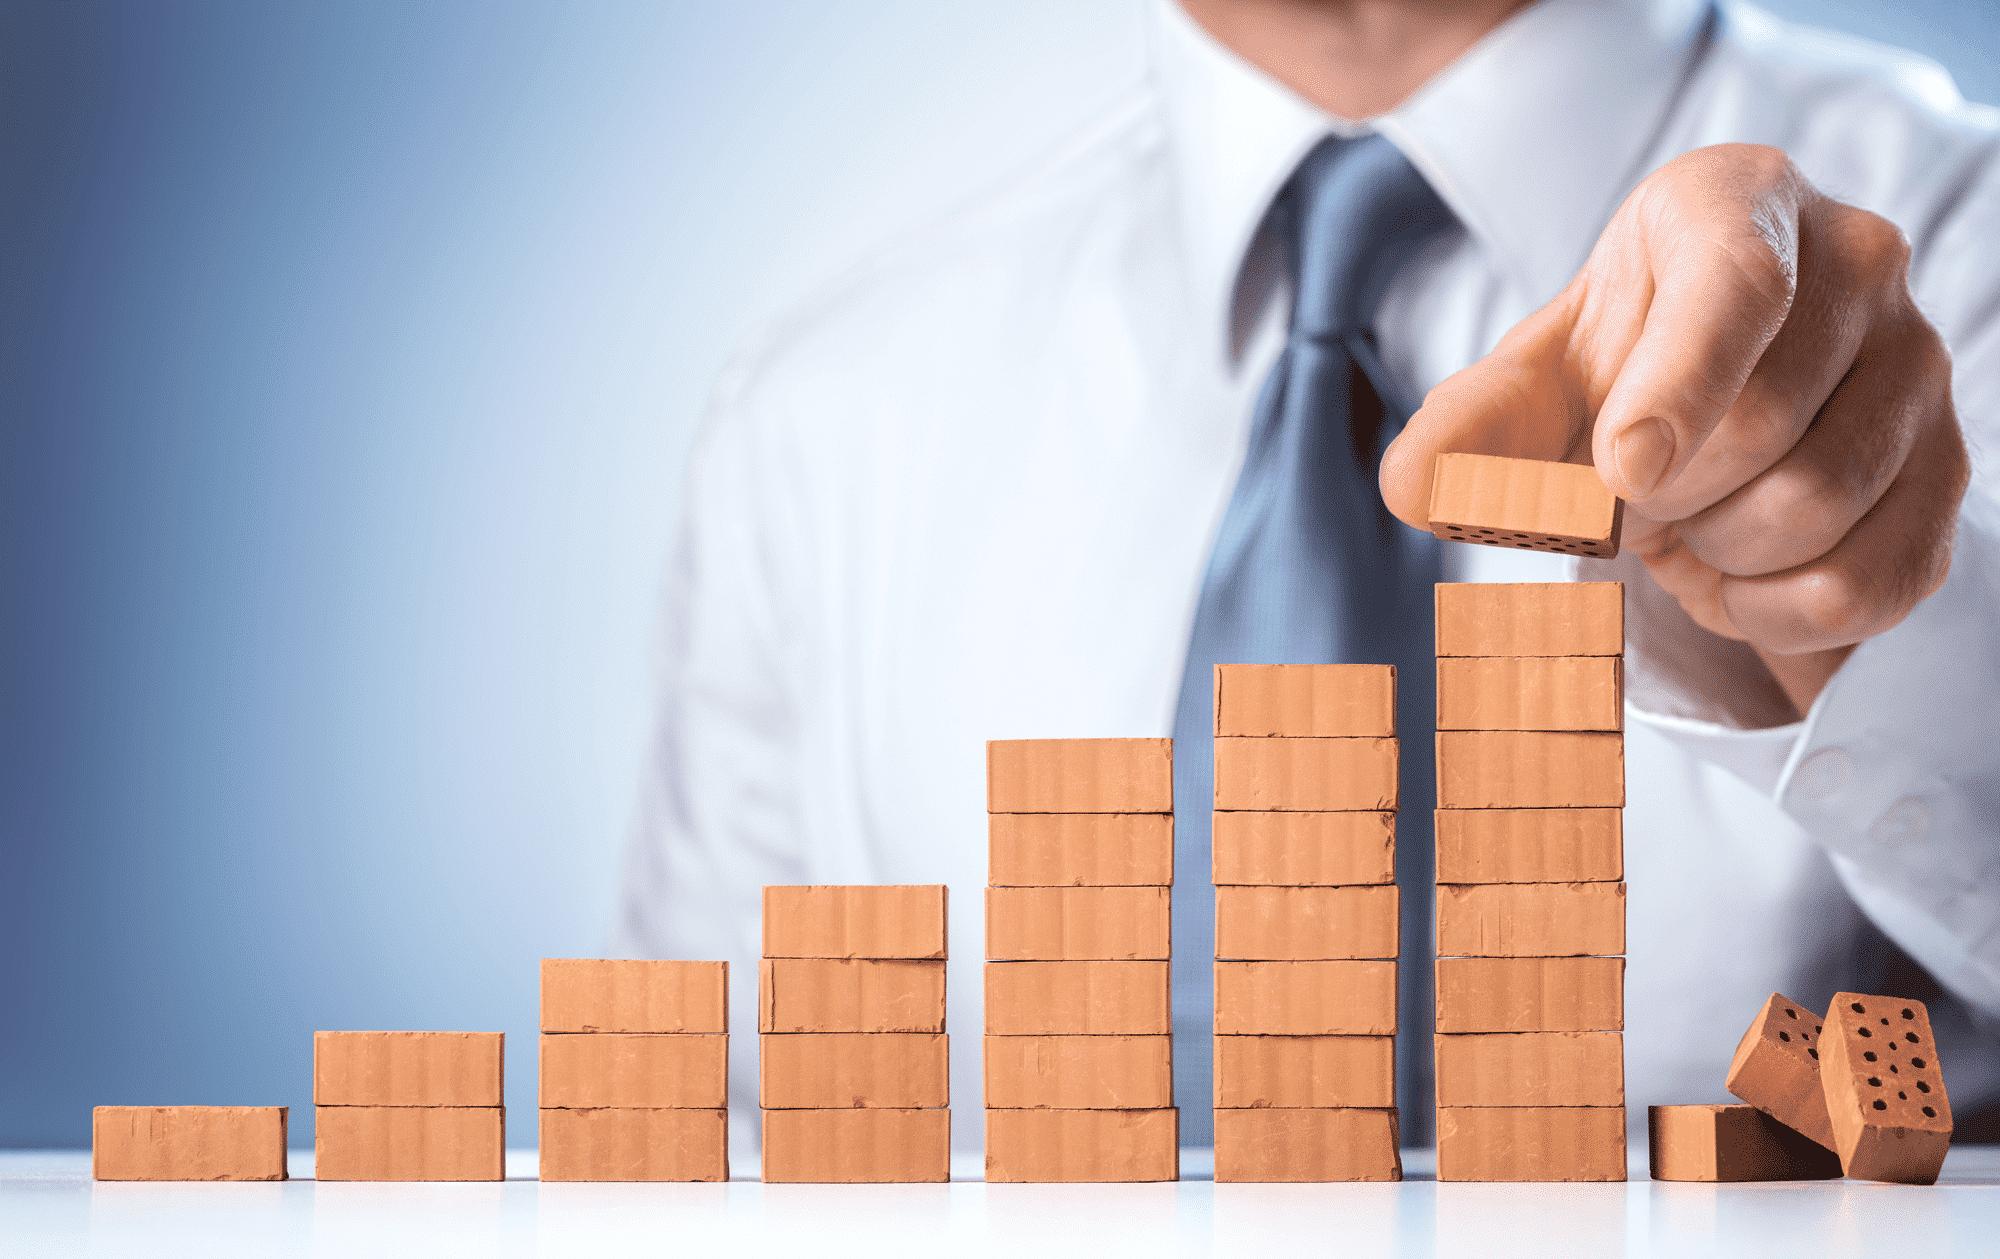 12 verbetermethoden | Procesanalyse | Modellen procesoptimalisatie